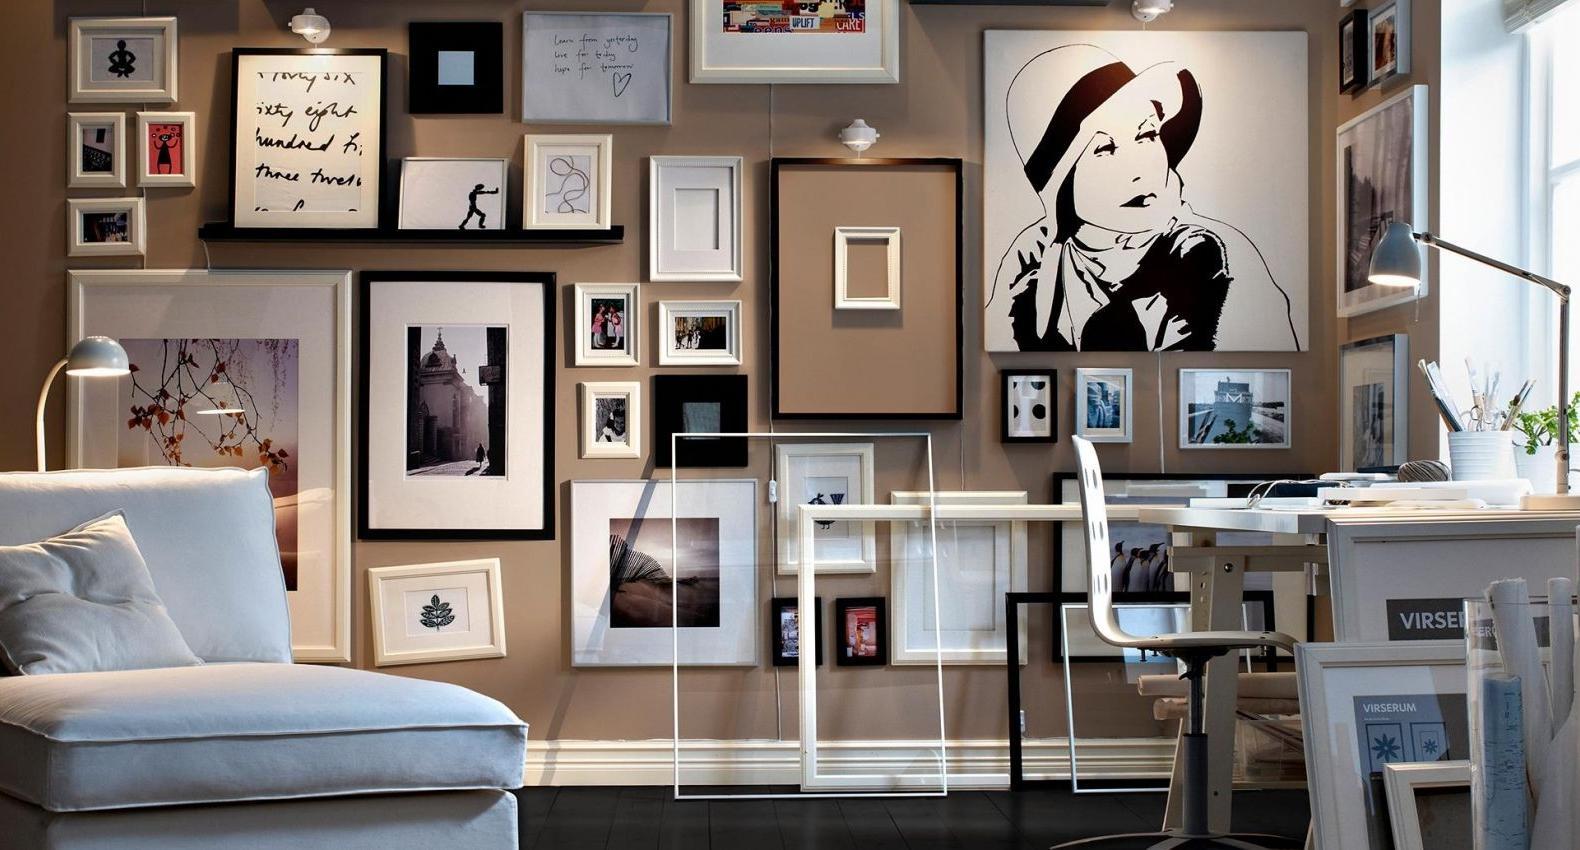 Выбор и расположение картин: 10 советов от дизайнеров интерьеров